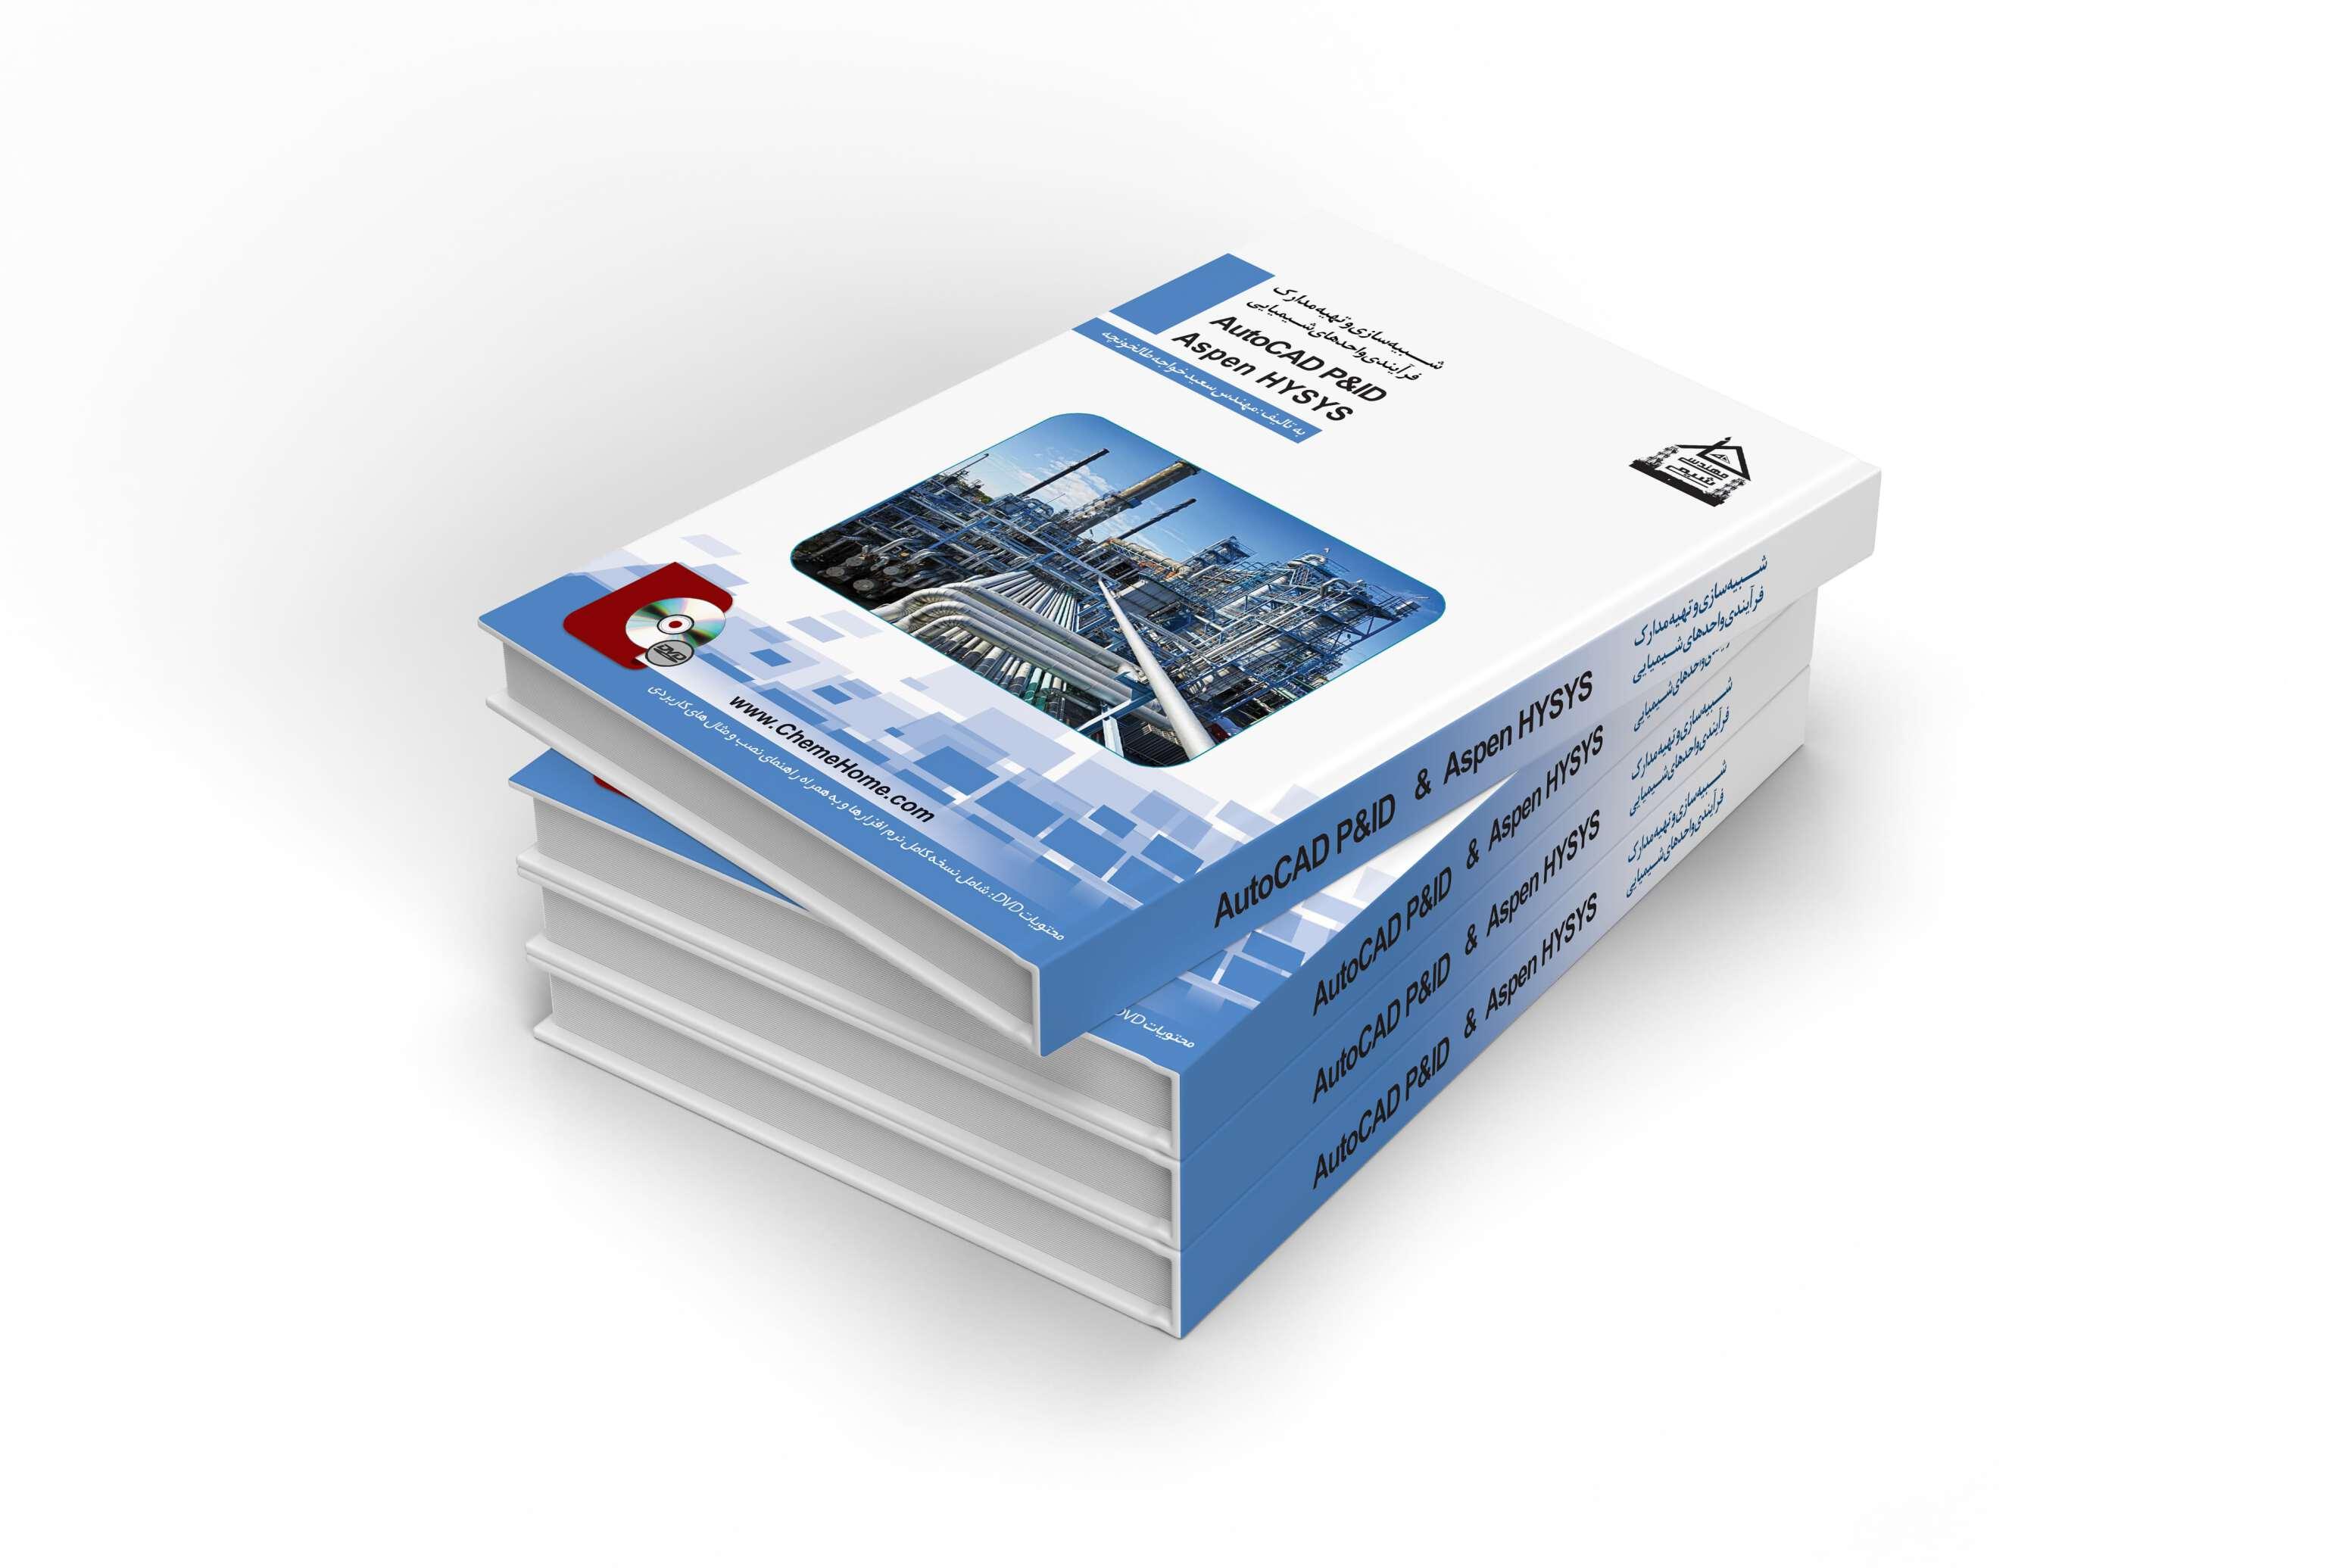 کتاب مرجع کاربردی AutoCad PID